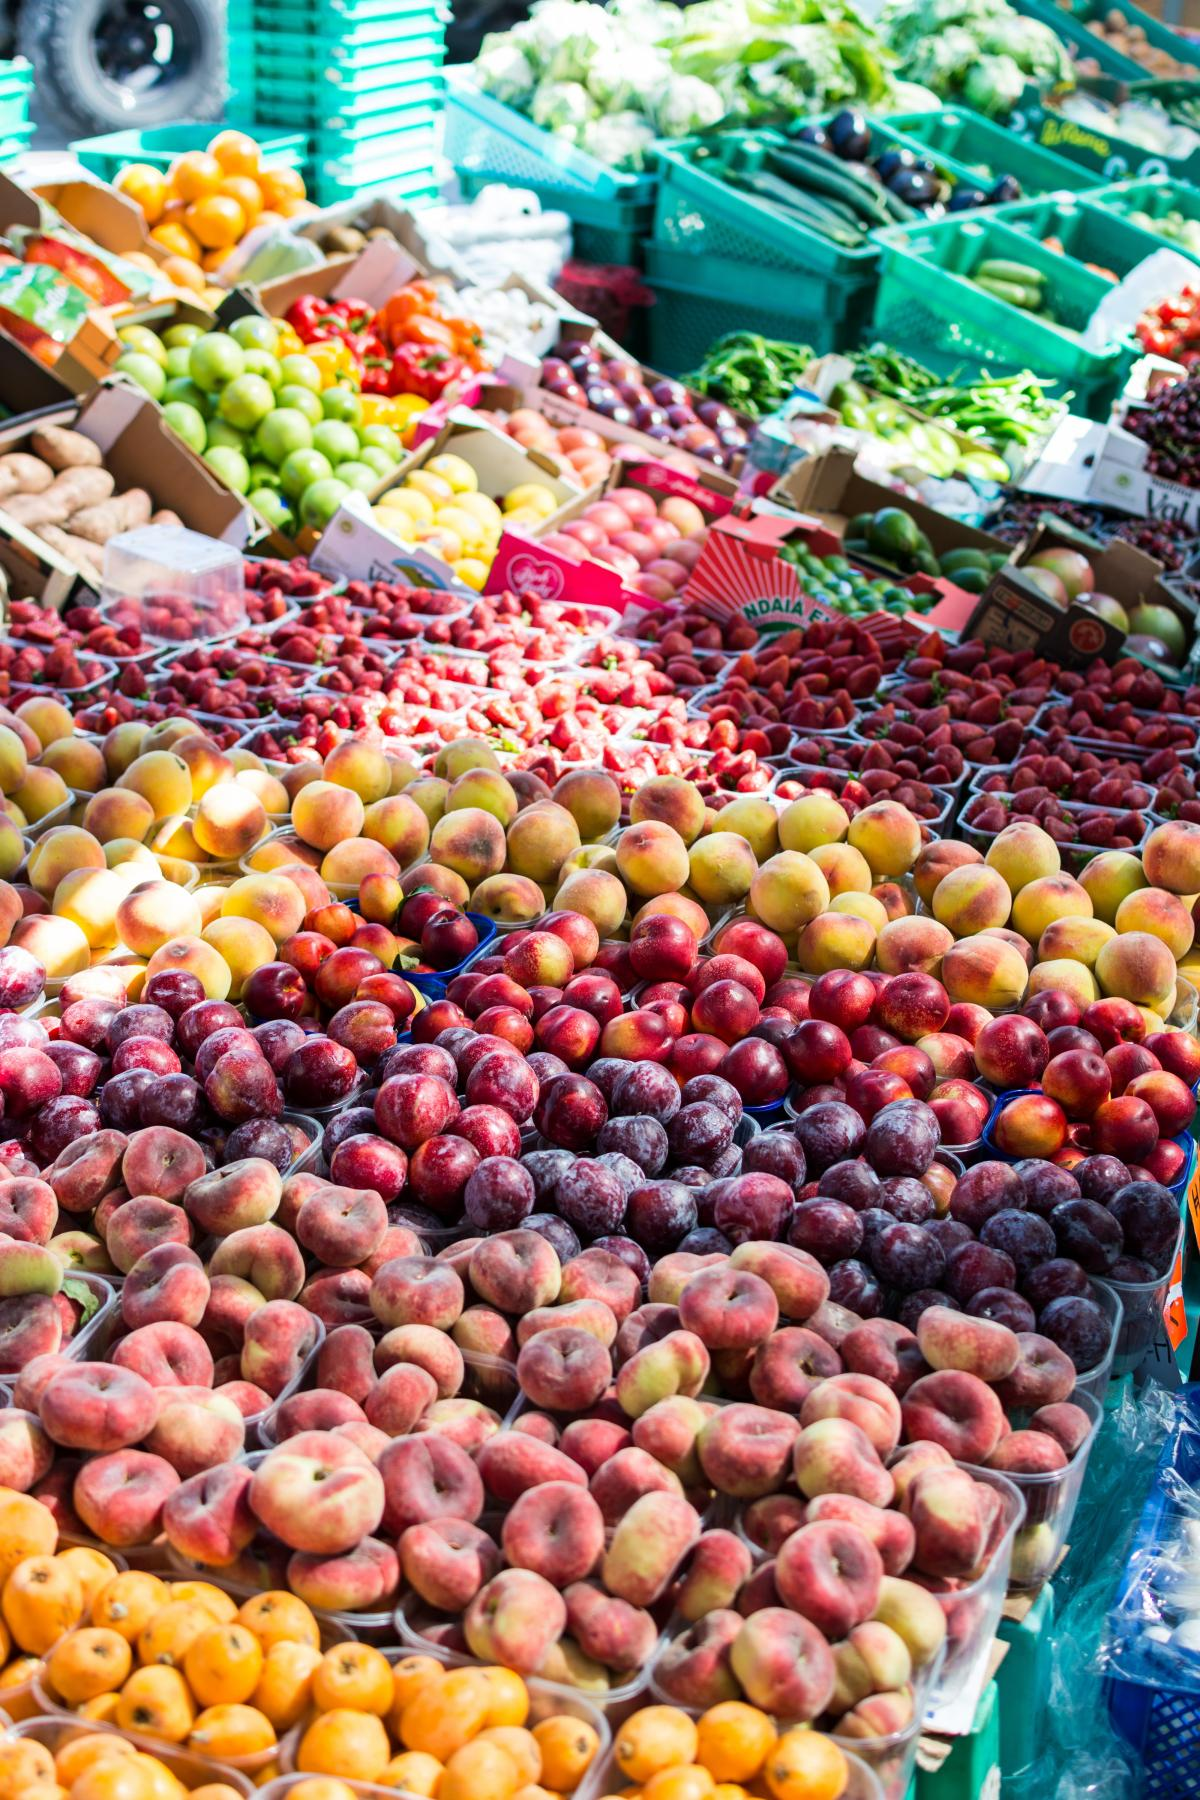 Summer Fruit Market Free Photo #410695